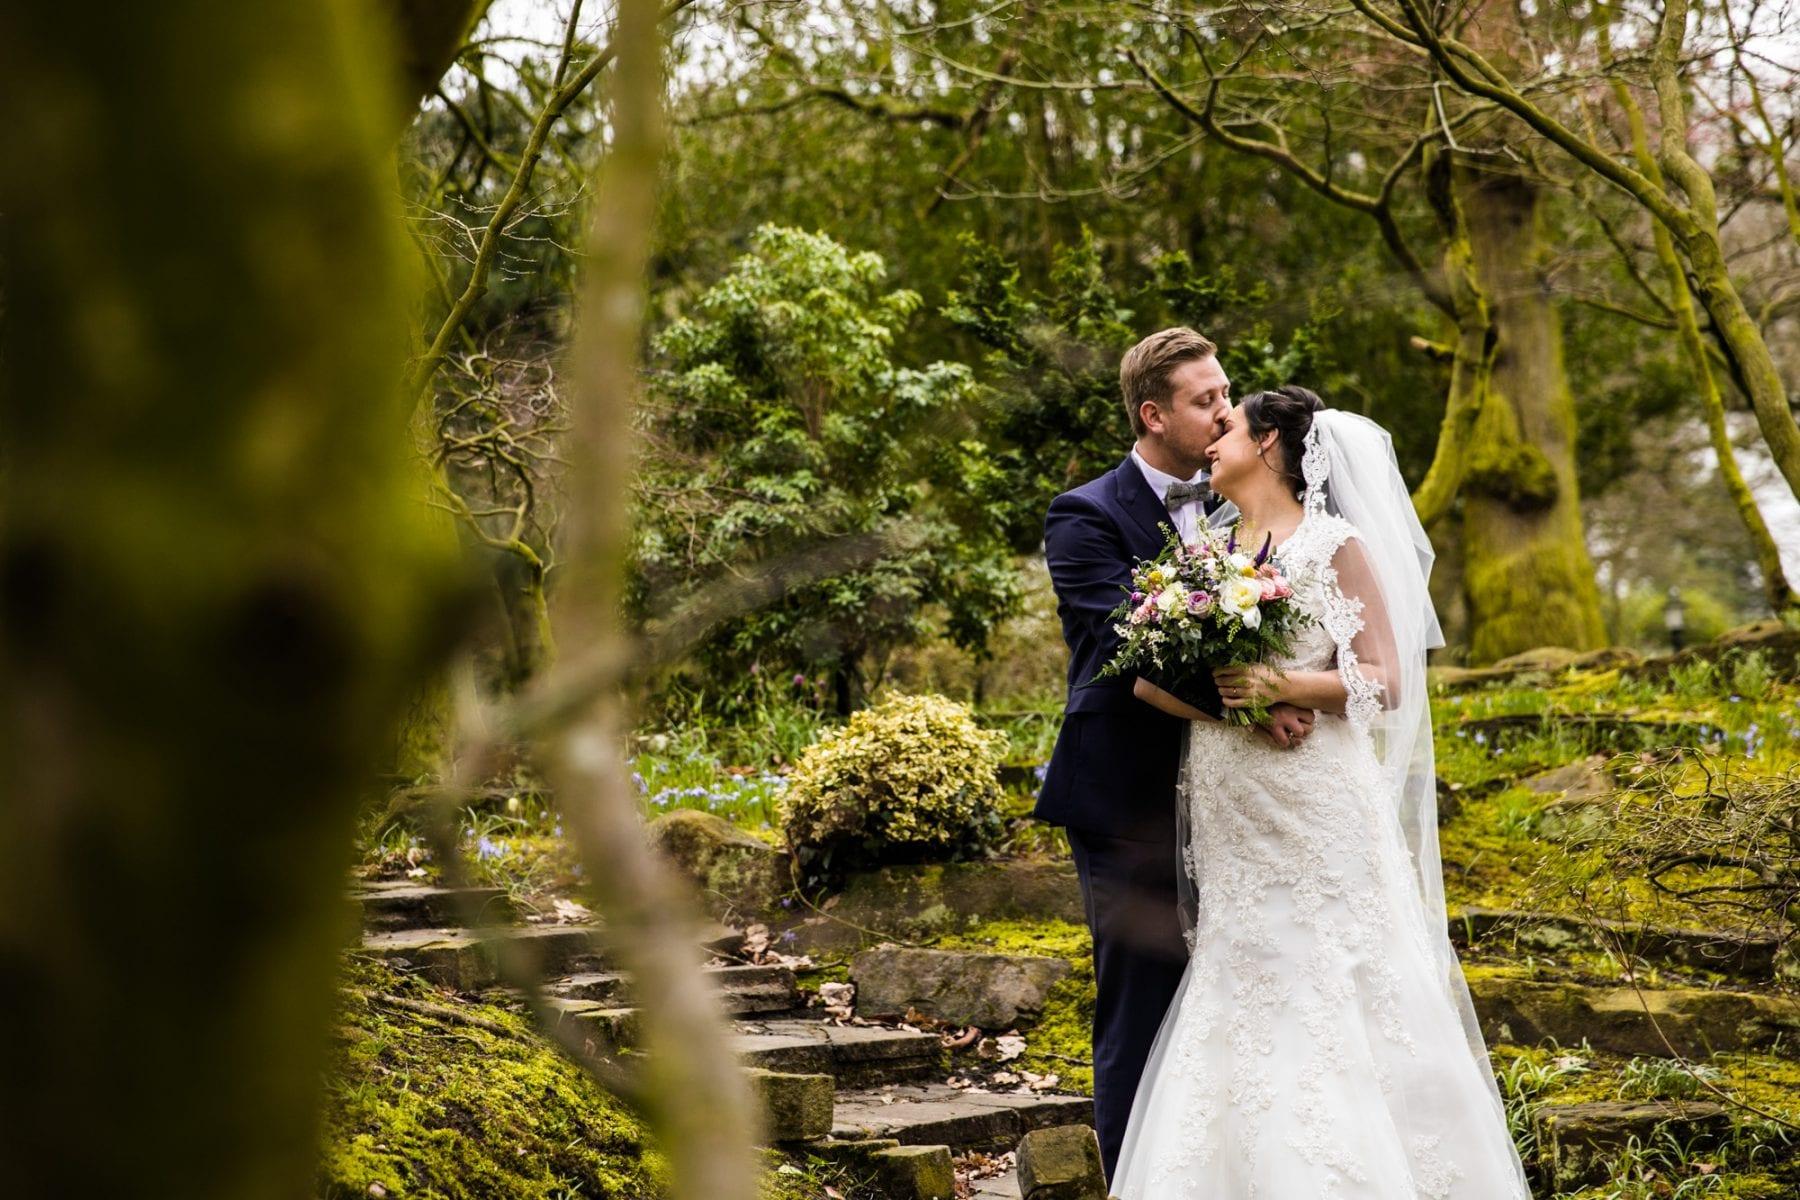 Natural Wedding Photography Colshaw Hall